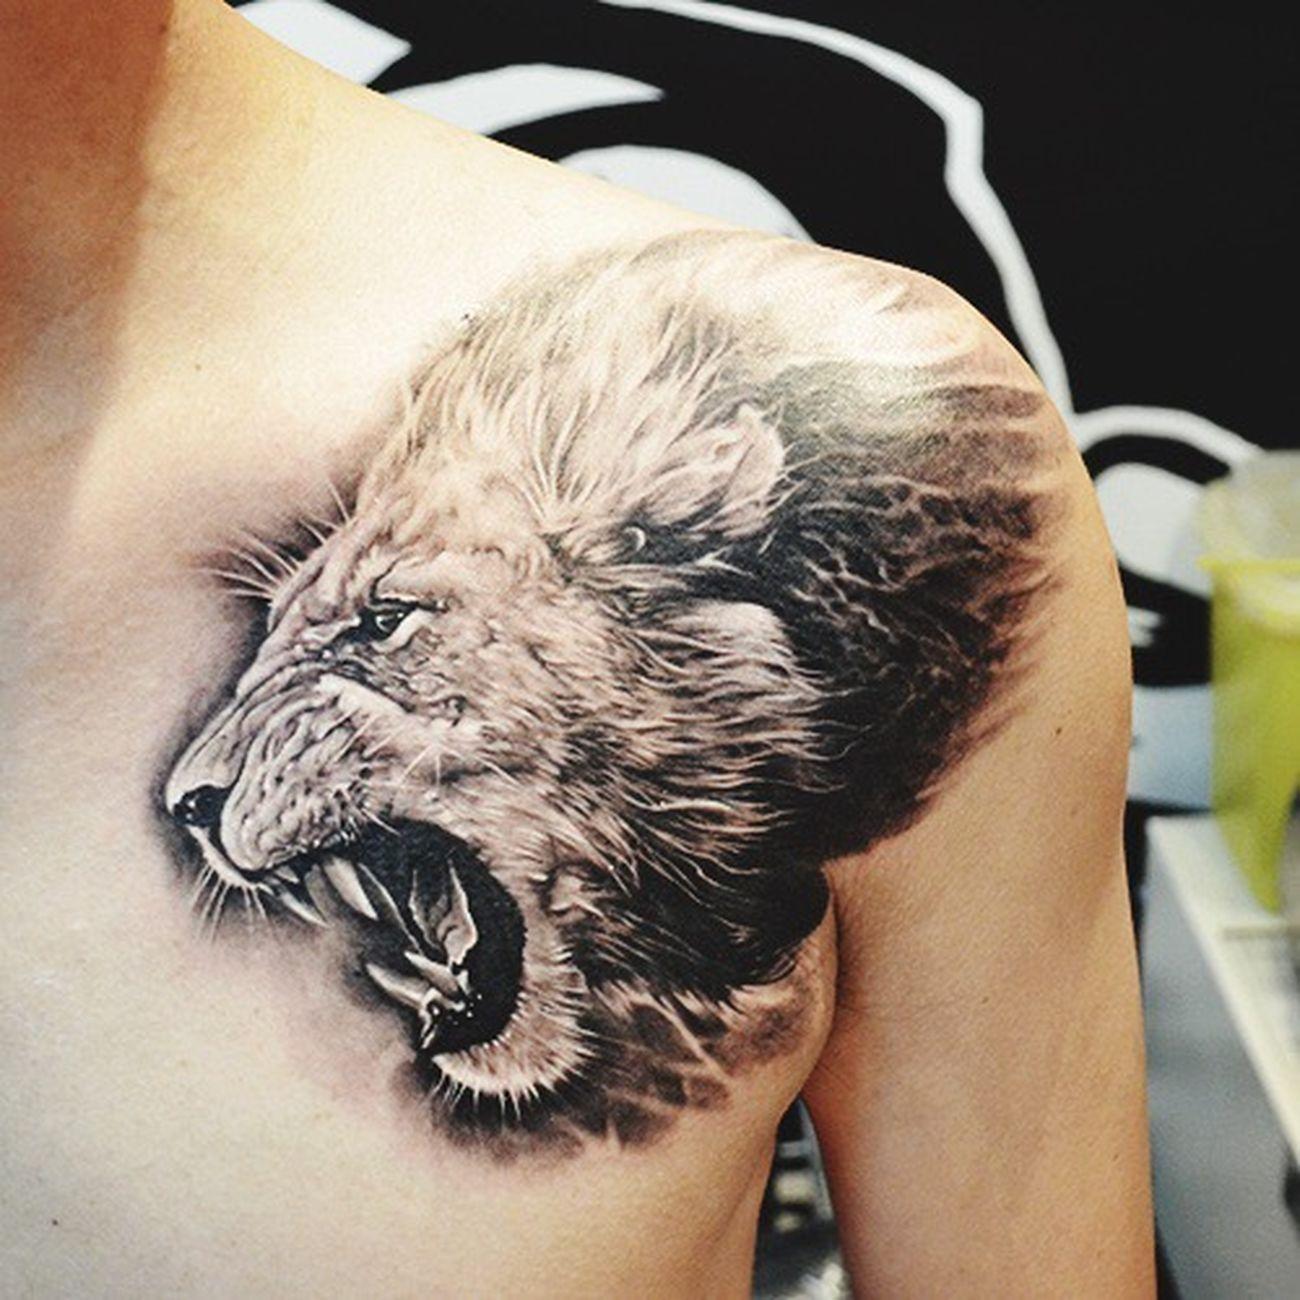 Heart Like A Liont ❤️ Tattoo